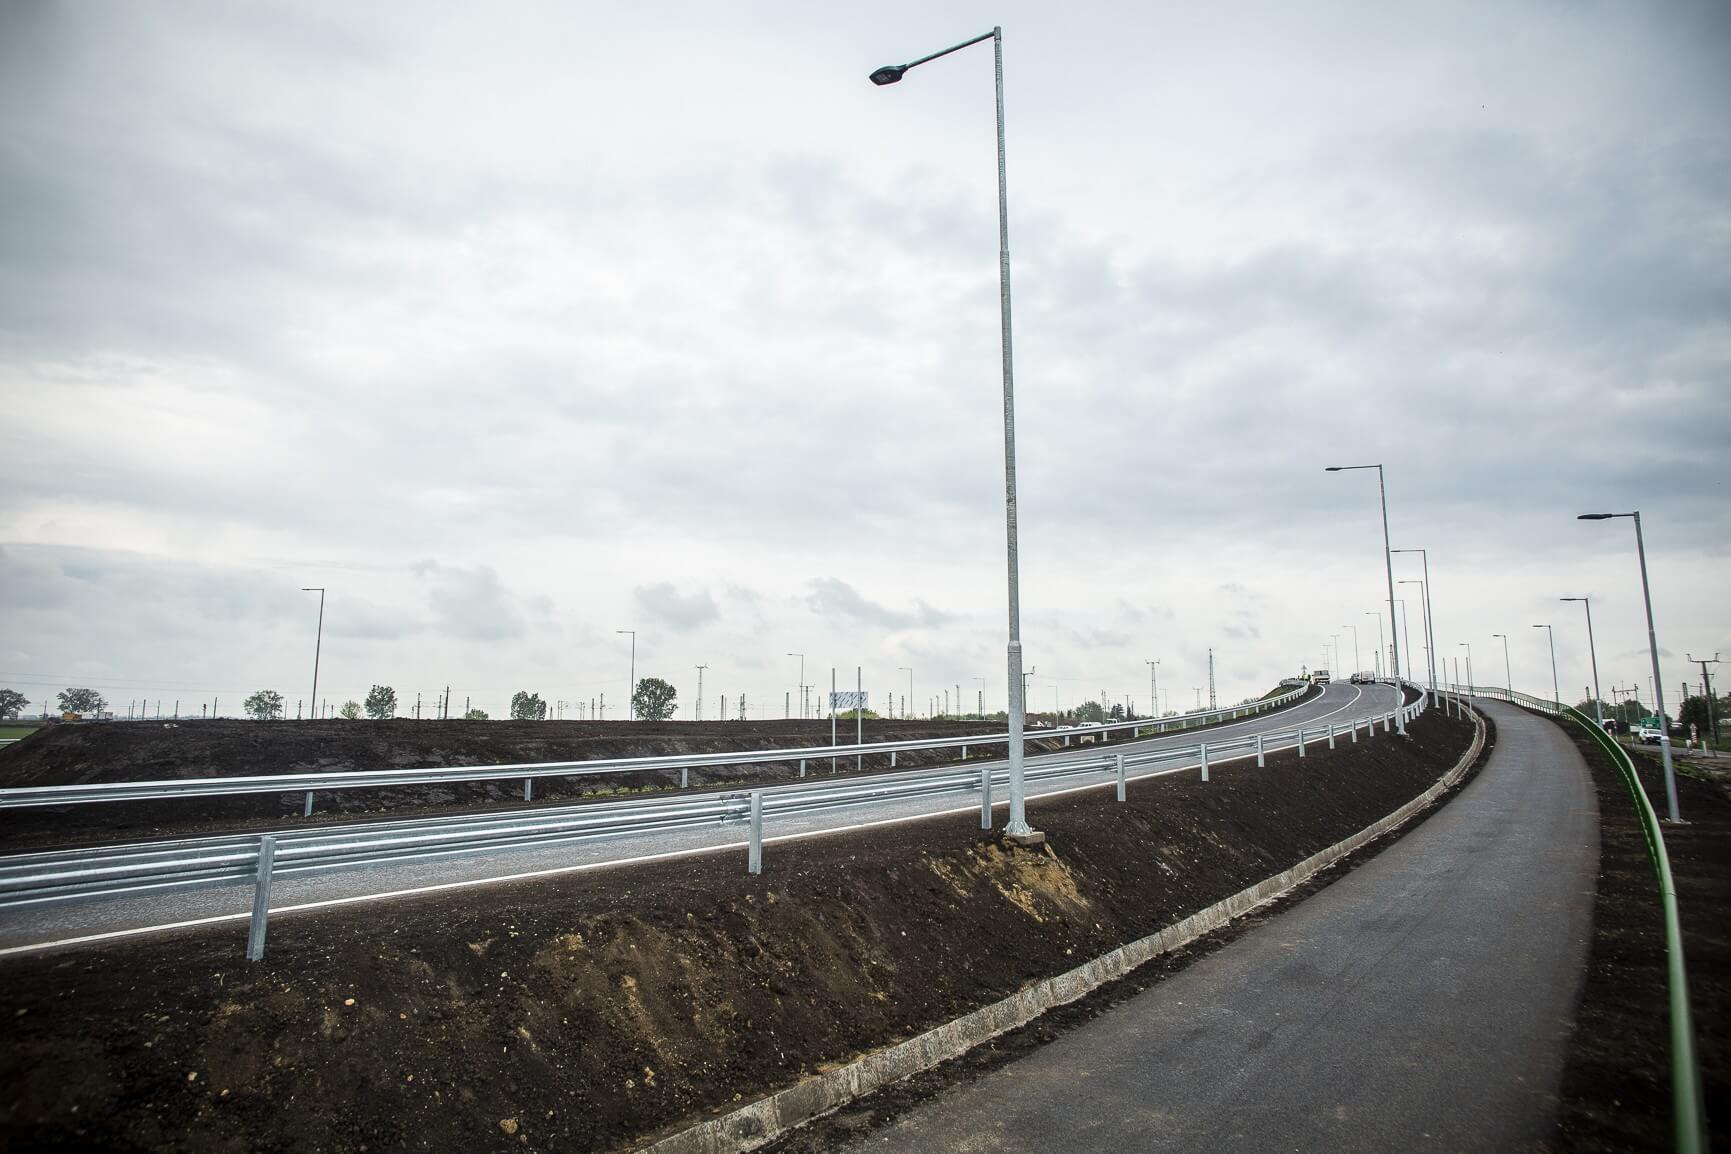 Új hidat kapott a 4-es főút és a debreceni vasútvonal